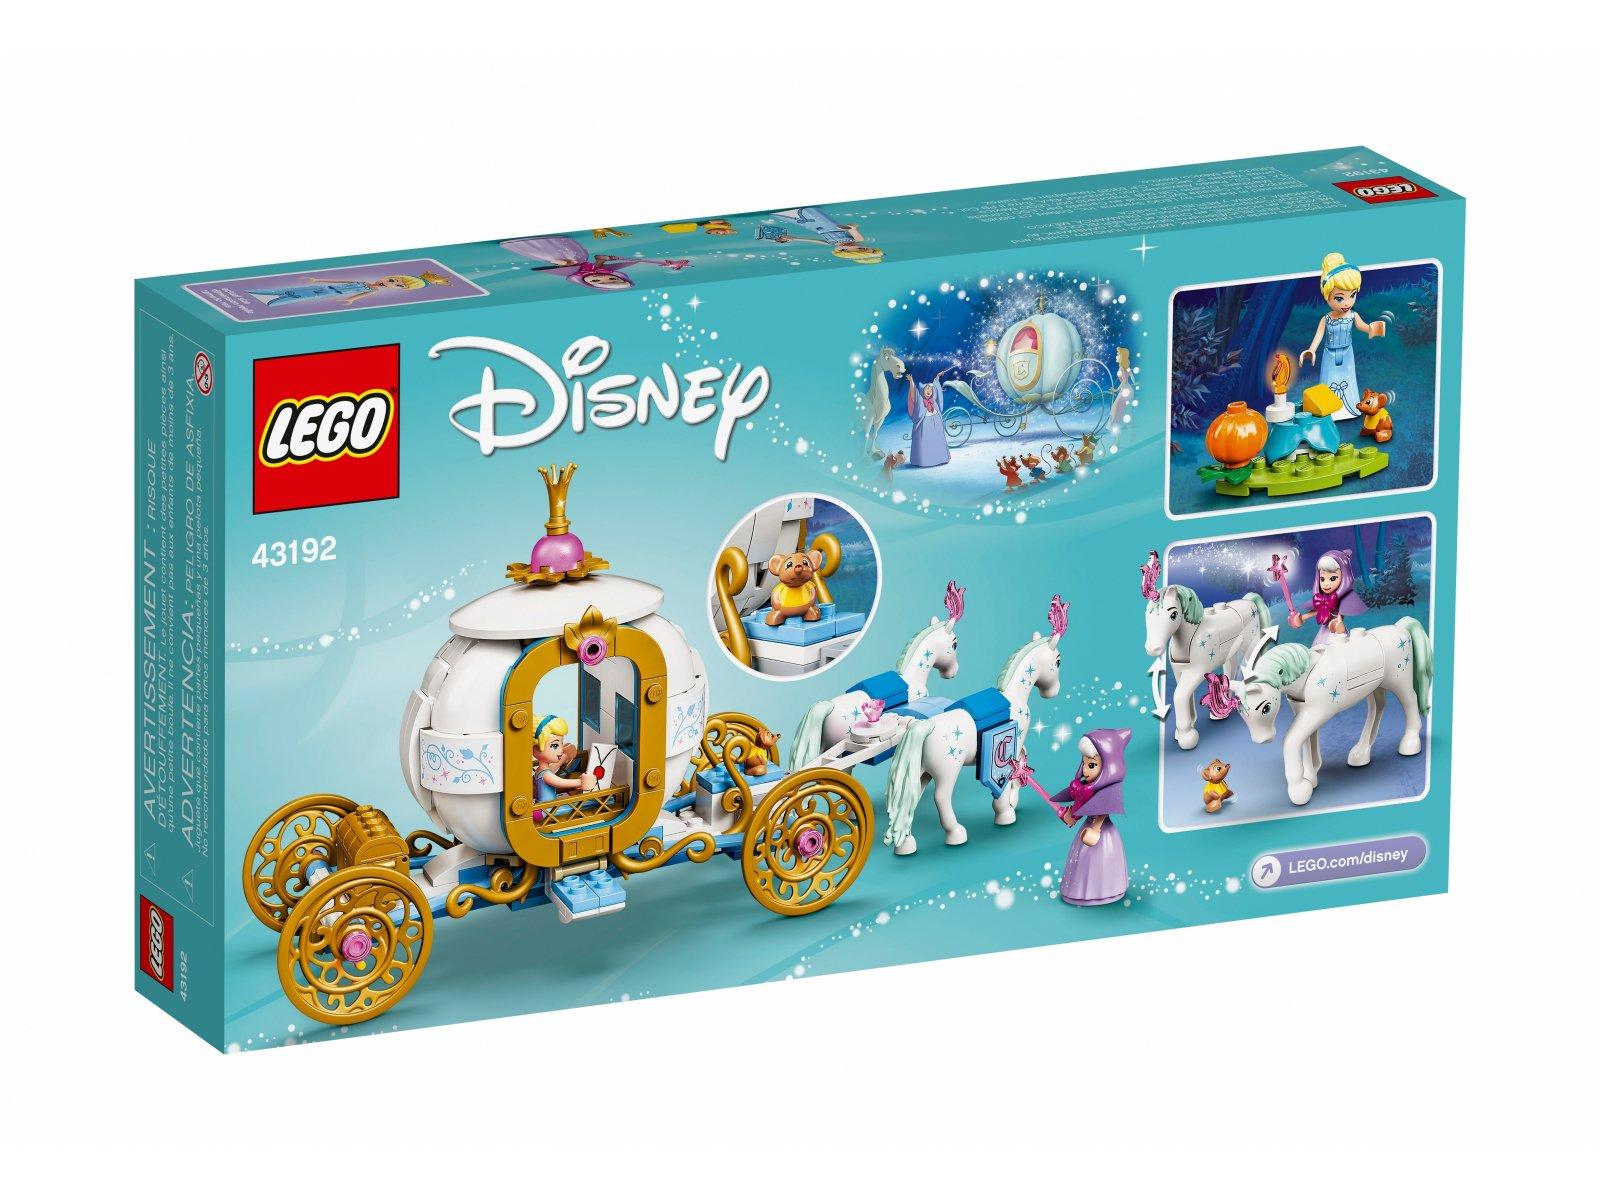 LEGO 43192 Disney Królewski powóz Kopciuszka